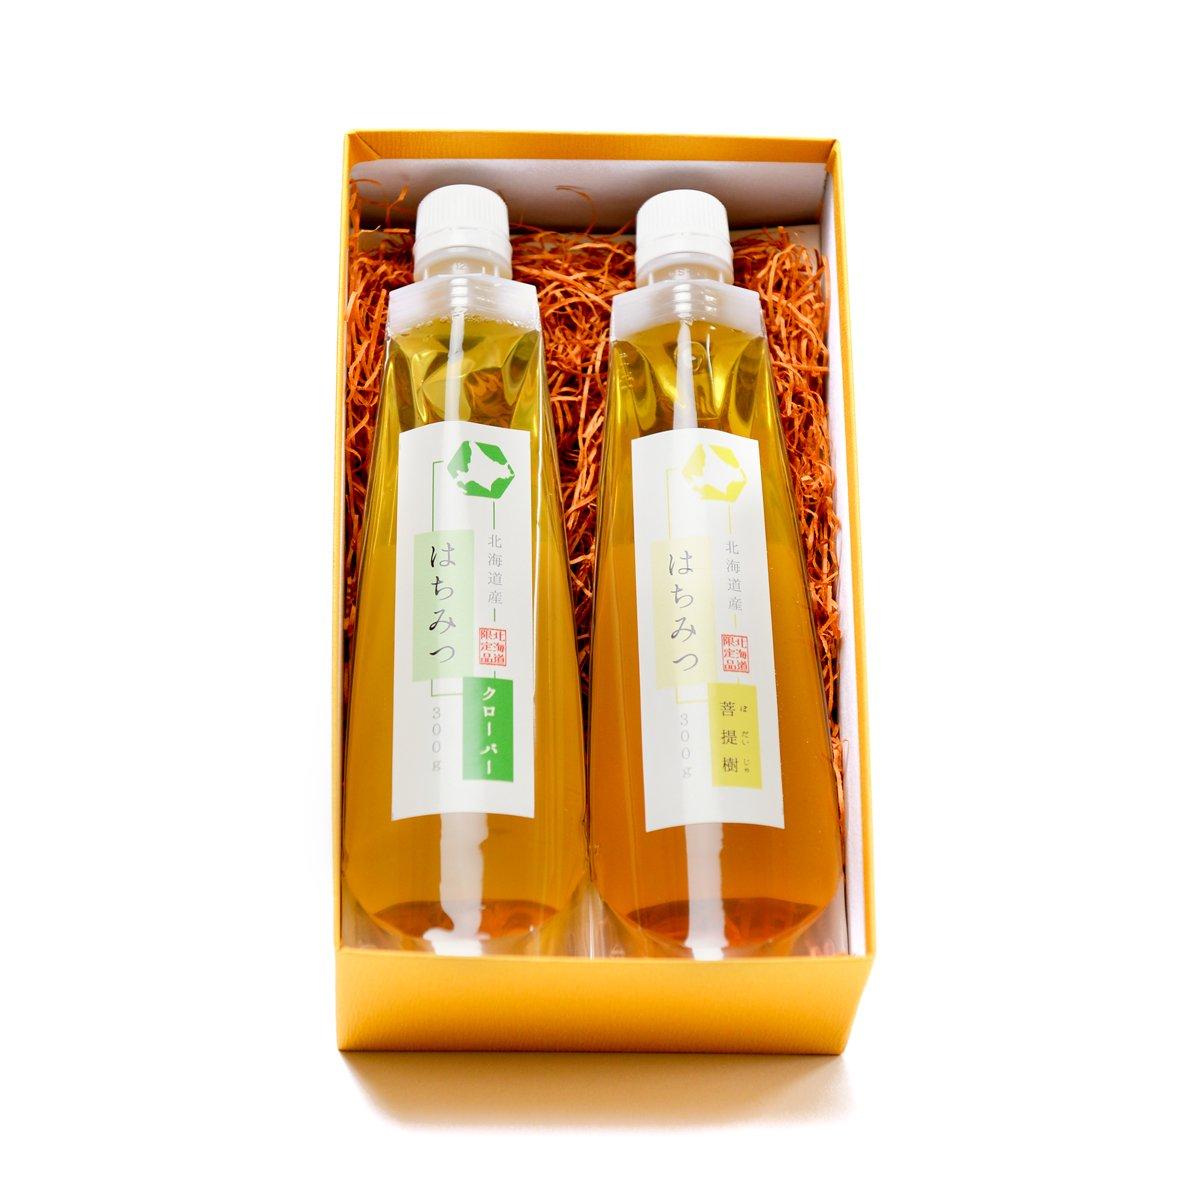 北海道産らくらく蜂蜜 2種ギフトセット